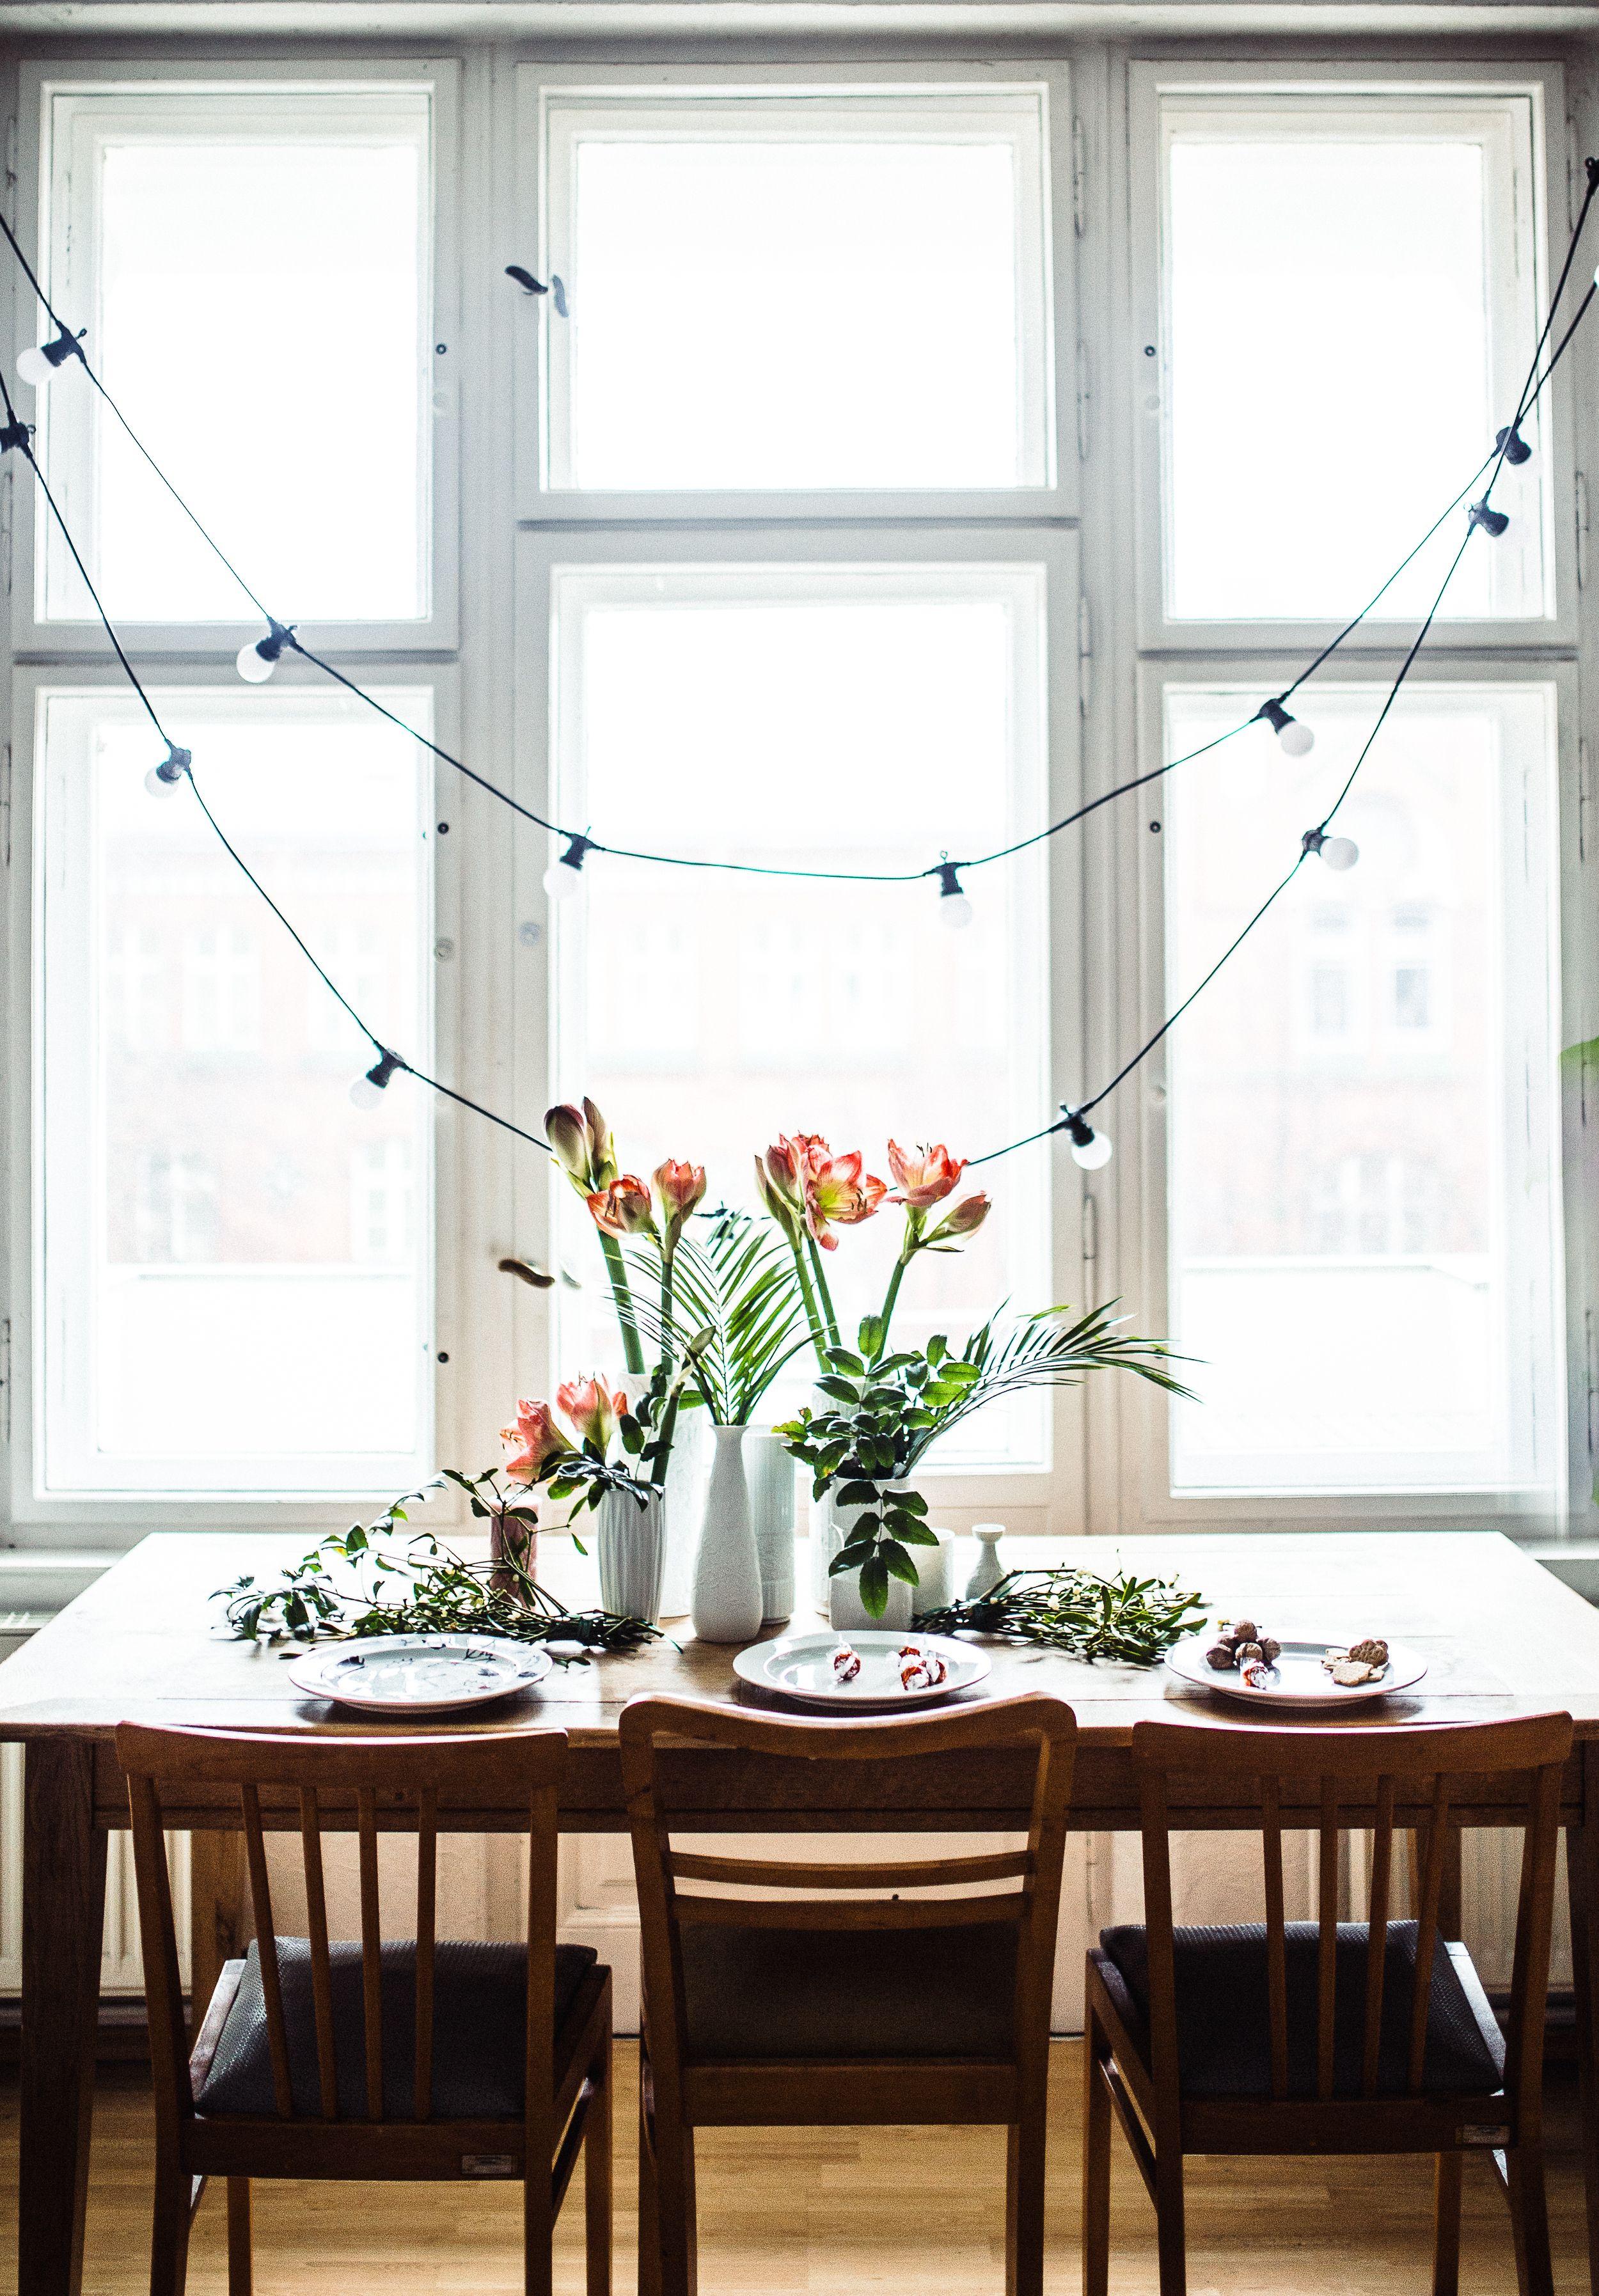 diy gabenteller inspiration homestory pinterest altbau esszimmer und einrichtung. Black Bedroom Furniture Sets. Home Design Ideas